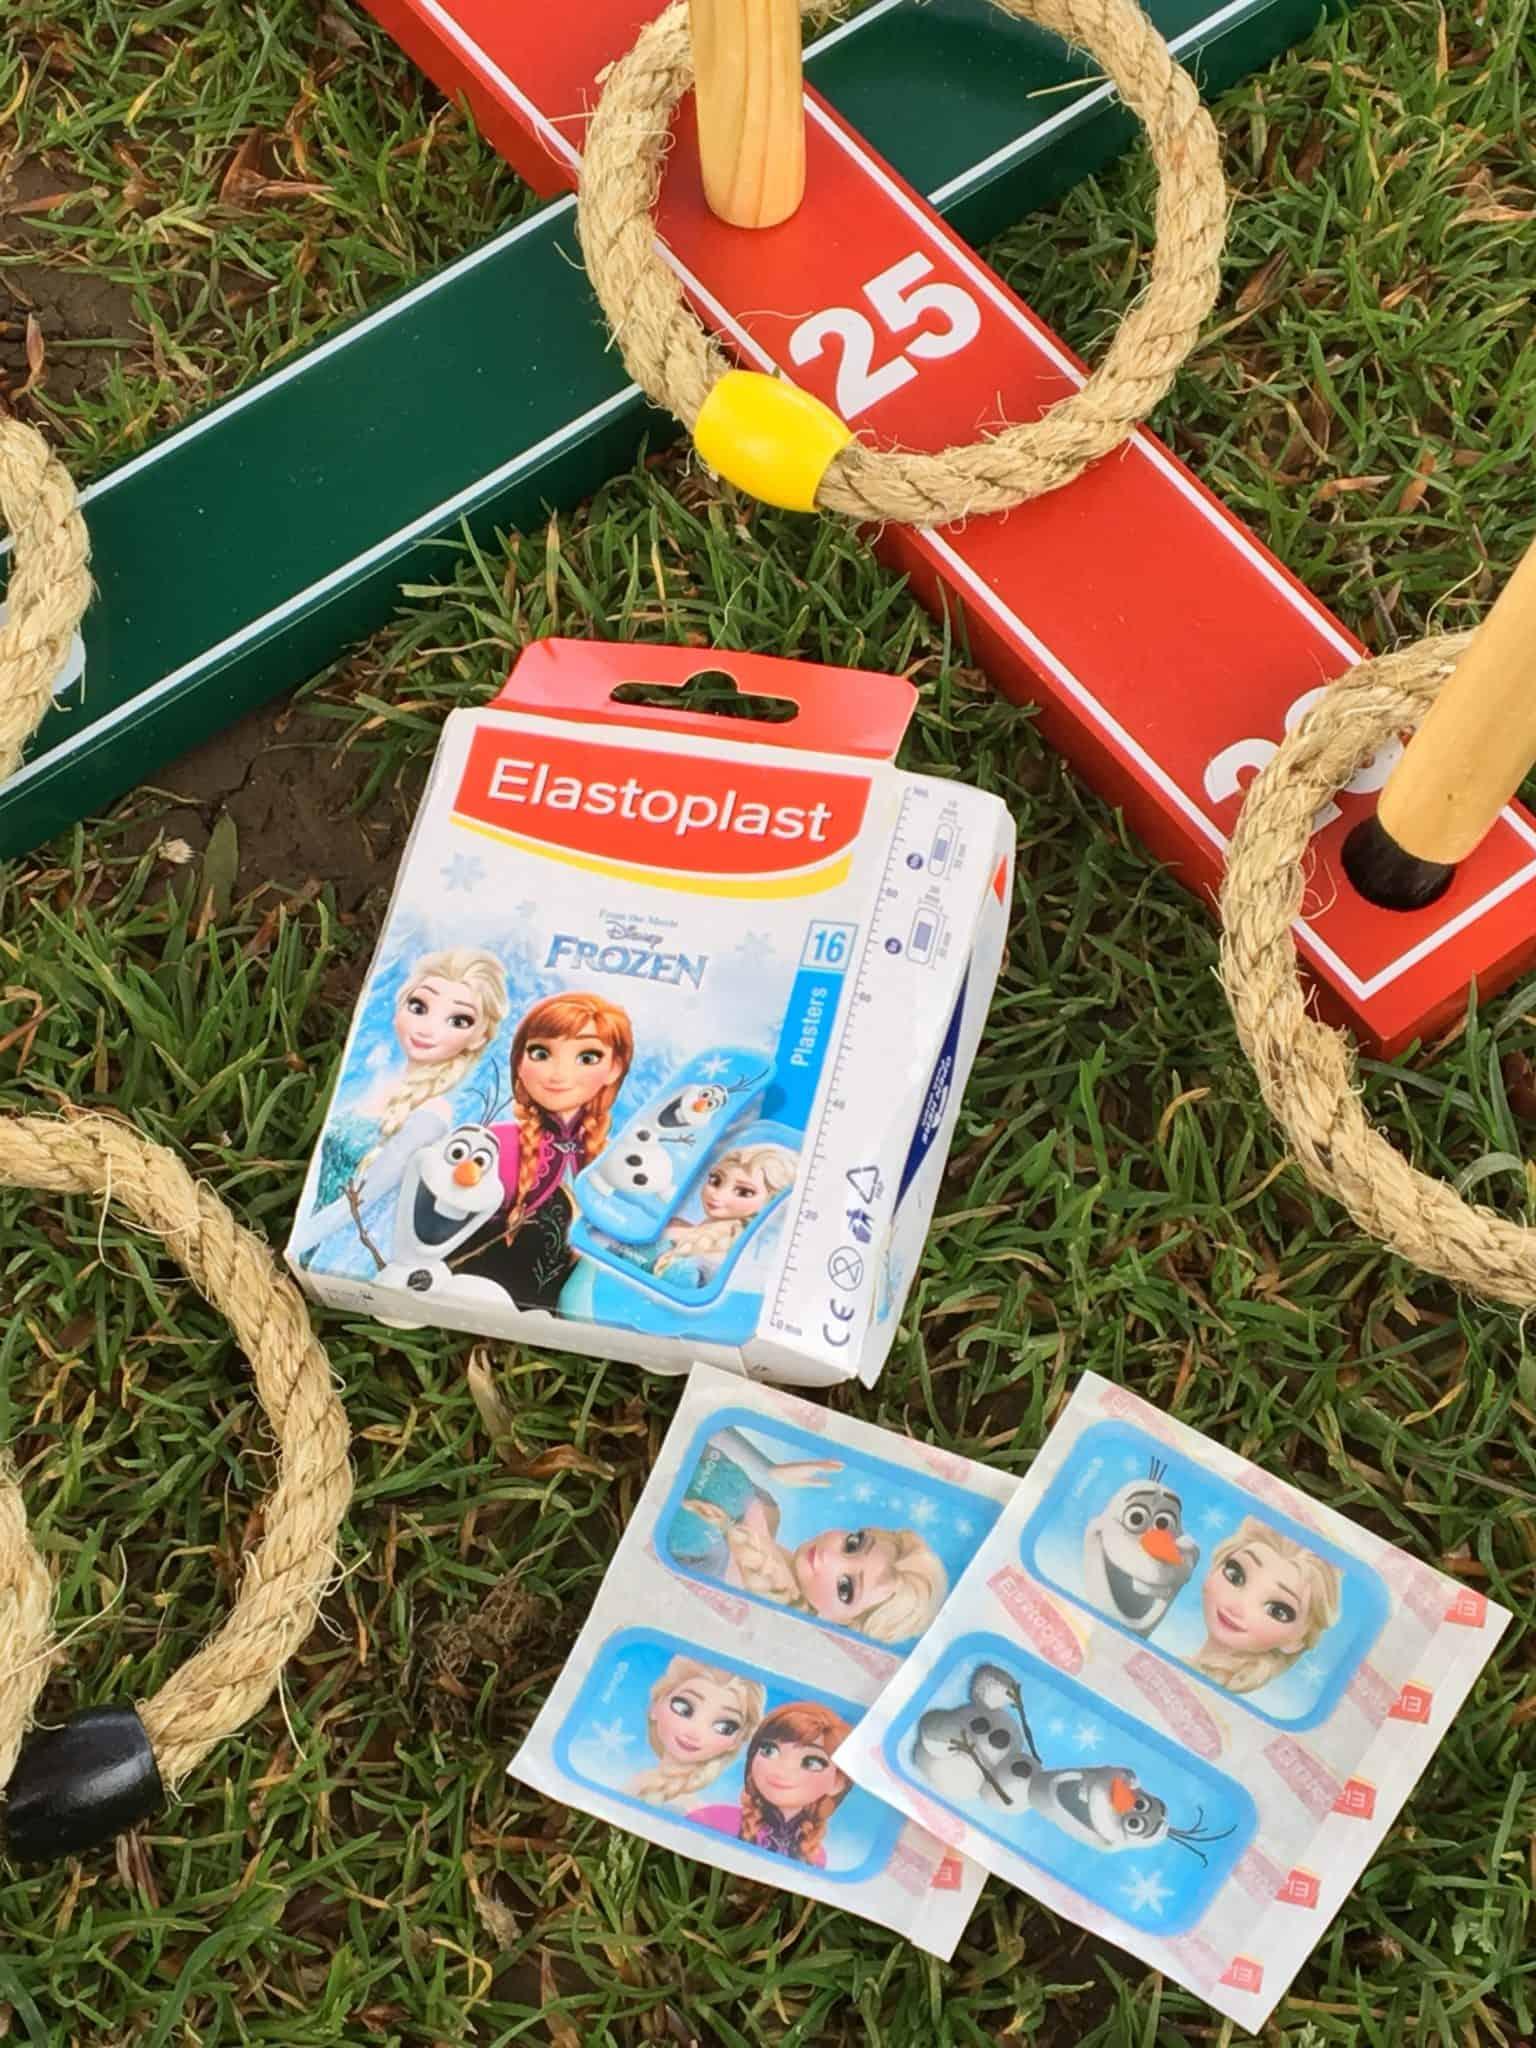 #TearsIntoSmiles Challenge with Frozen plasters from Elastoplast